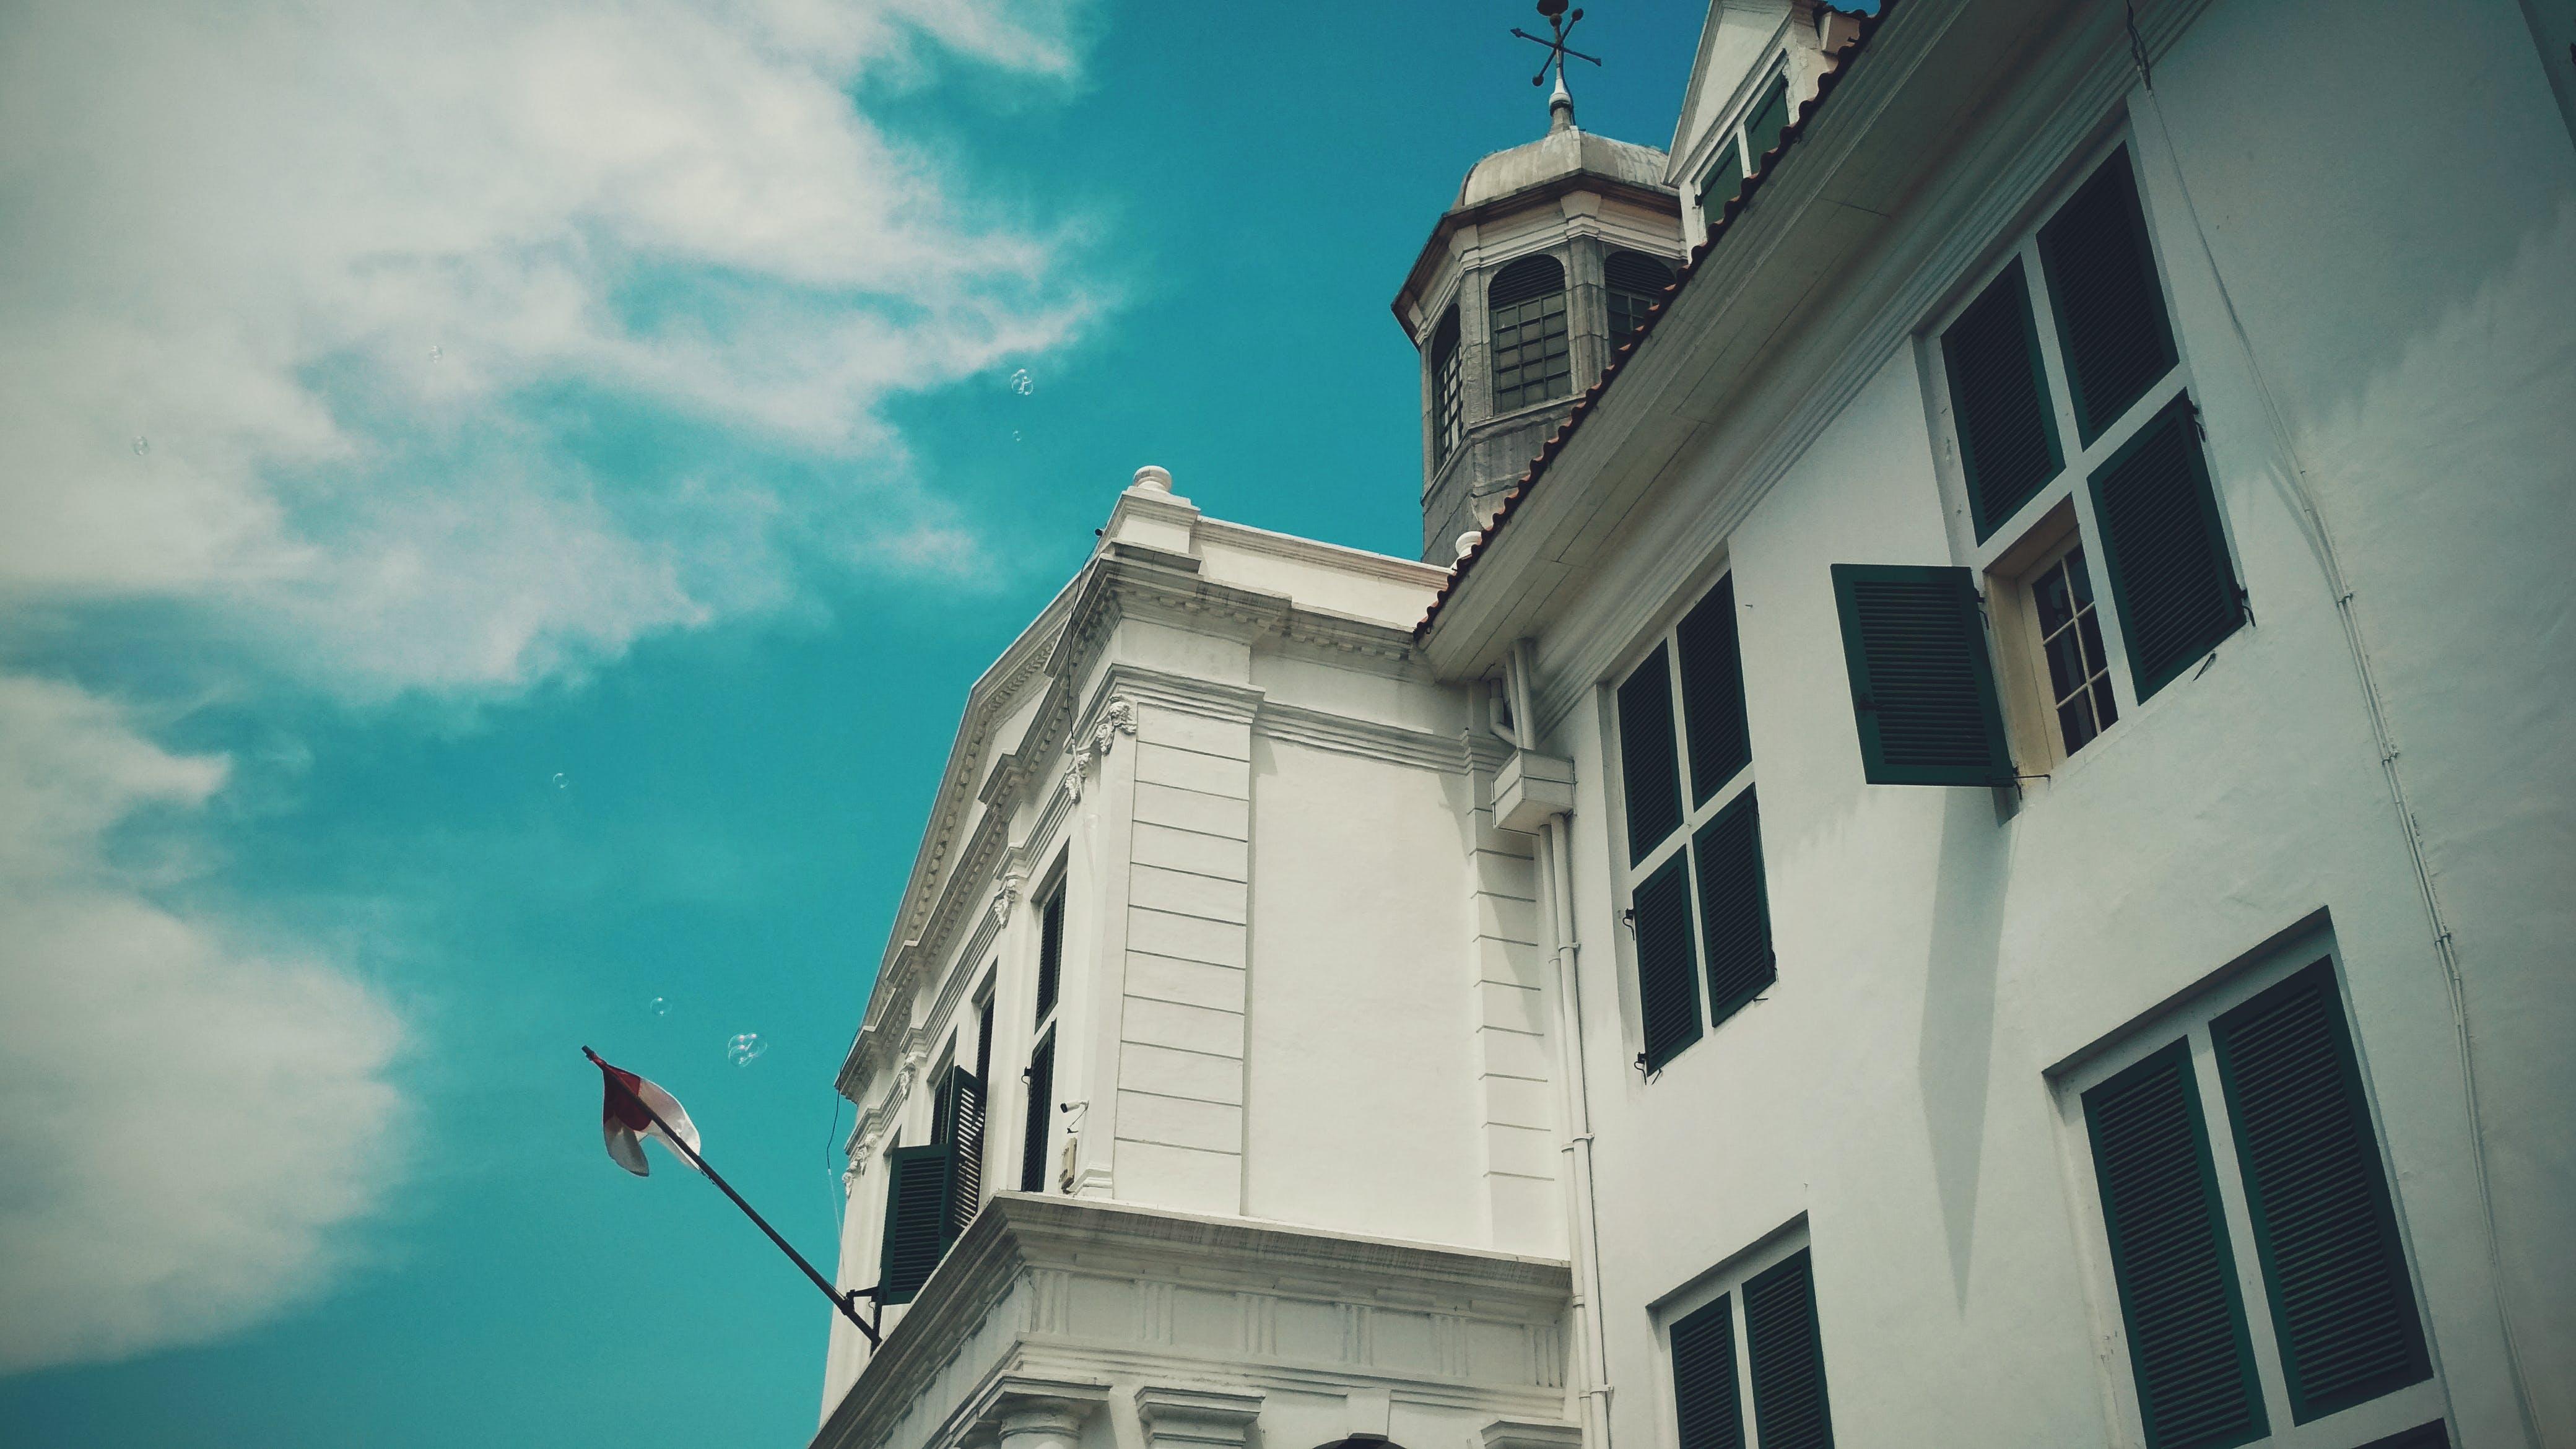 インドネシア, シティ, ジャカルタ, ビンテージの無料の写真素材